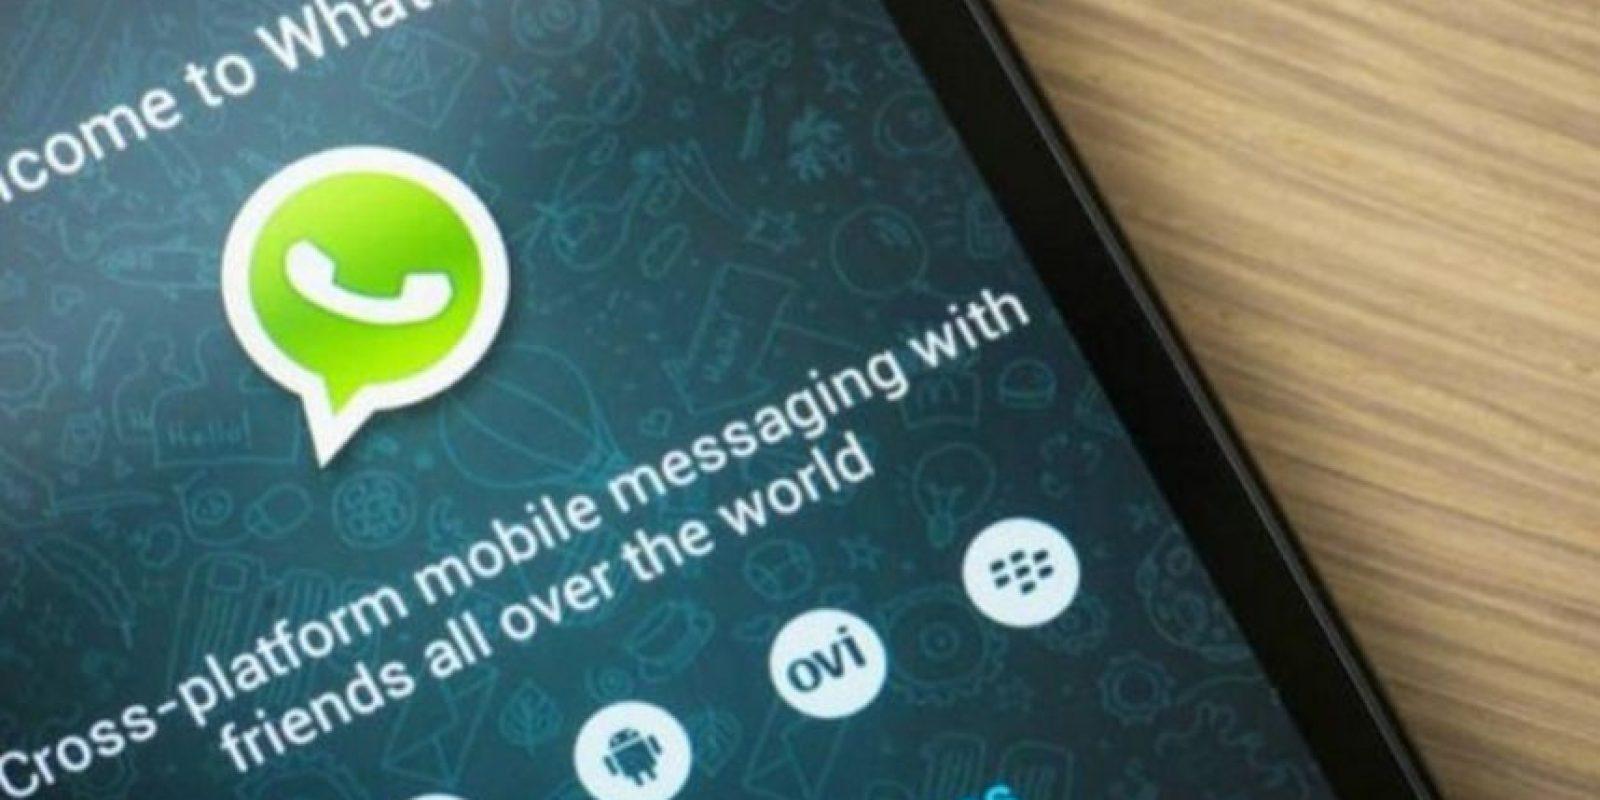 WhatsApp quiere seguir siendo la reina de la mensajería móvil. Foto:Tumblr